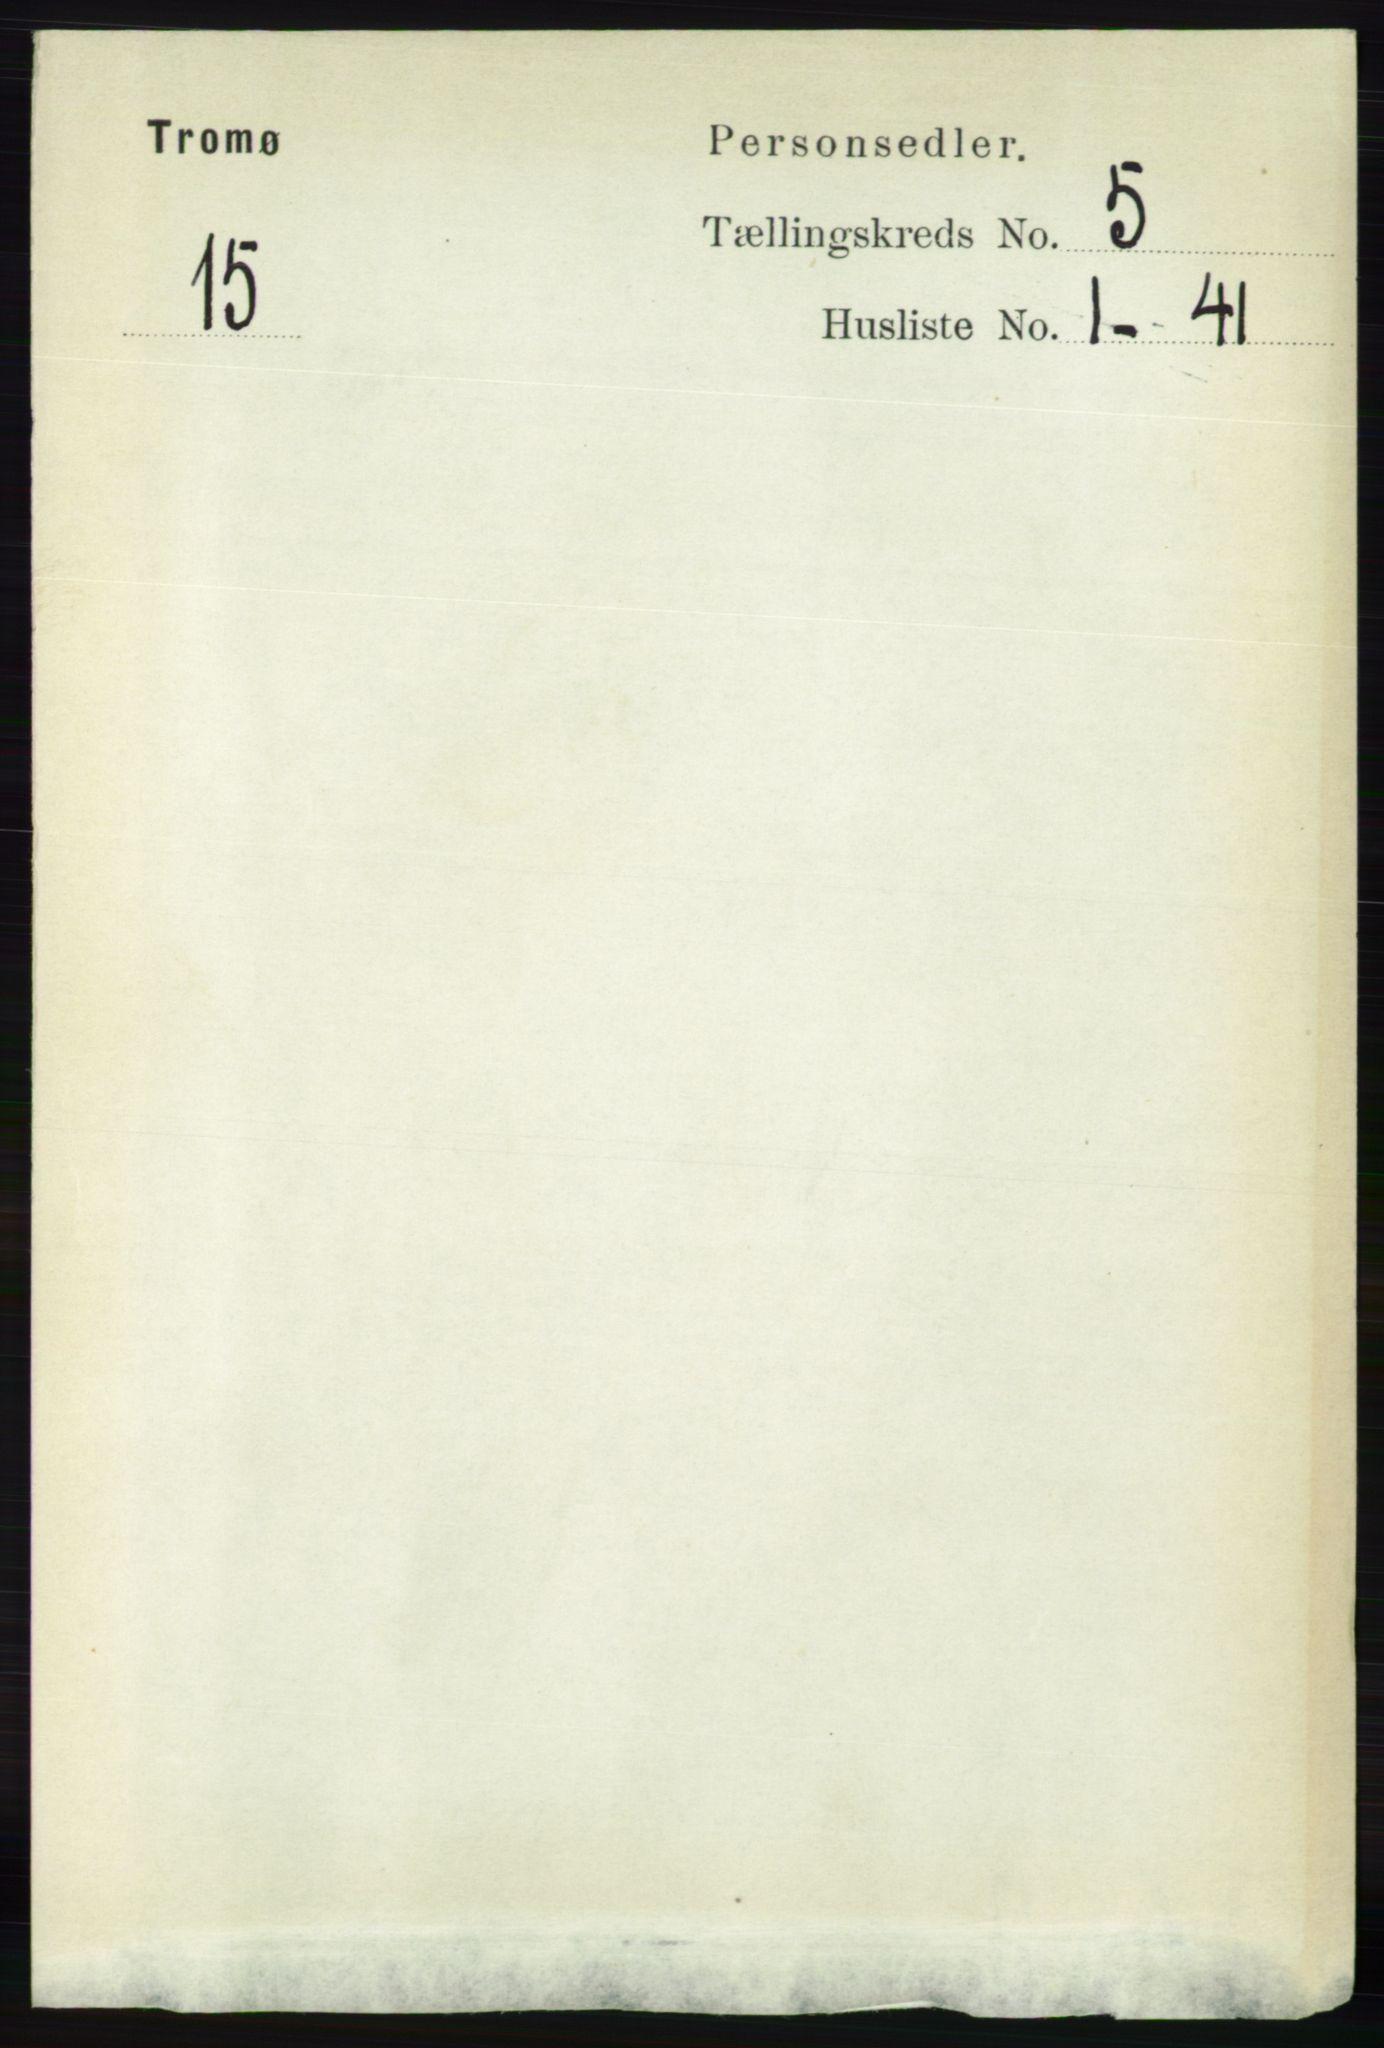 RA, Folketelling 1891 for 0921 Tromøy herred, 1891, s. 2191